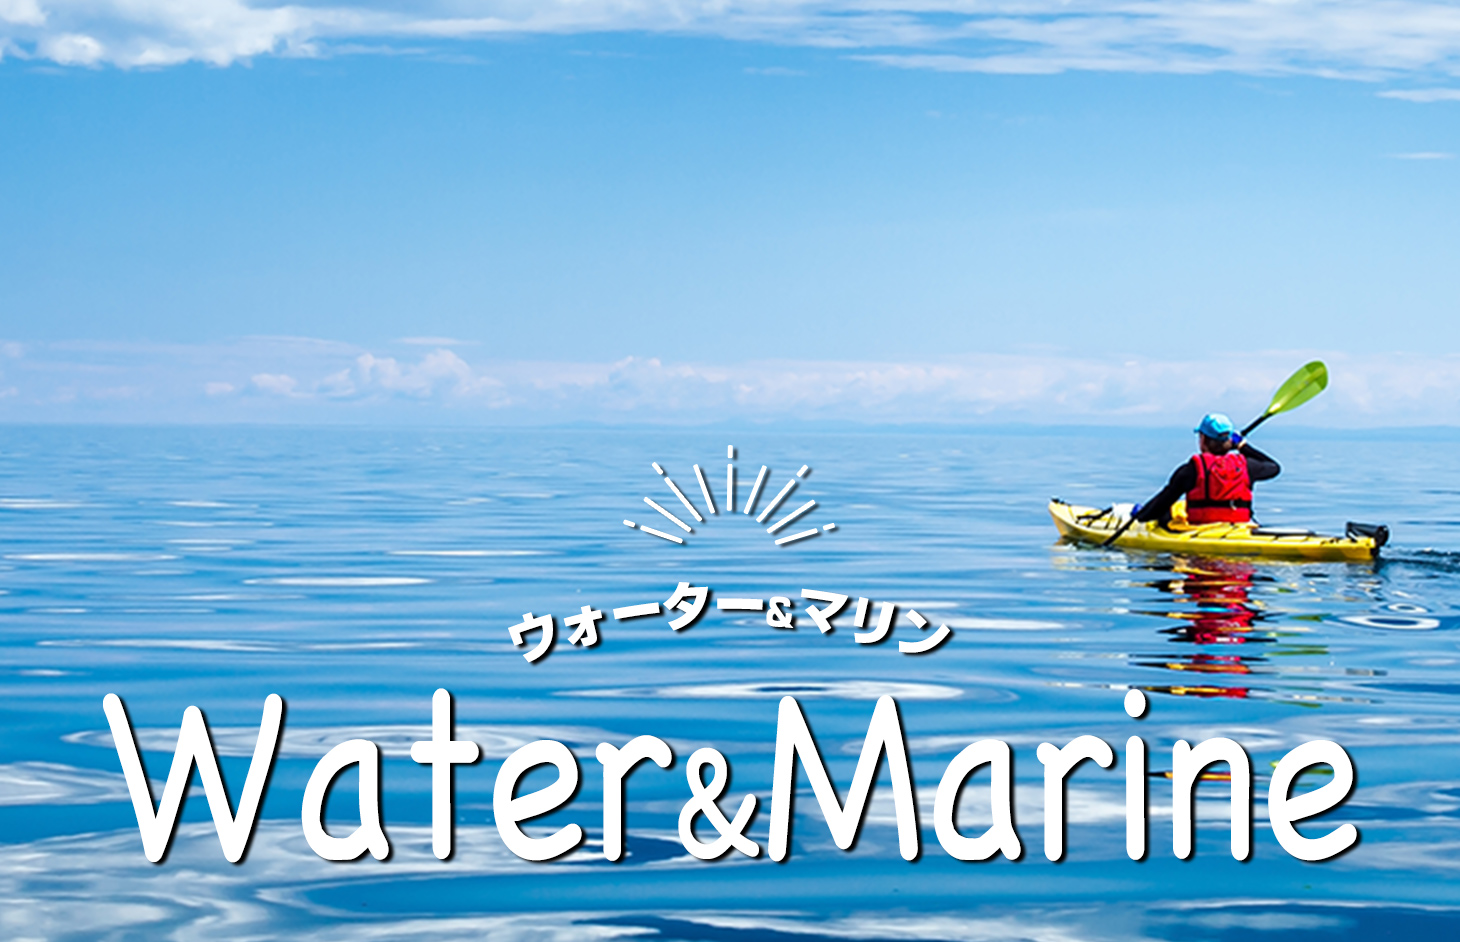 ウォーター & マリン